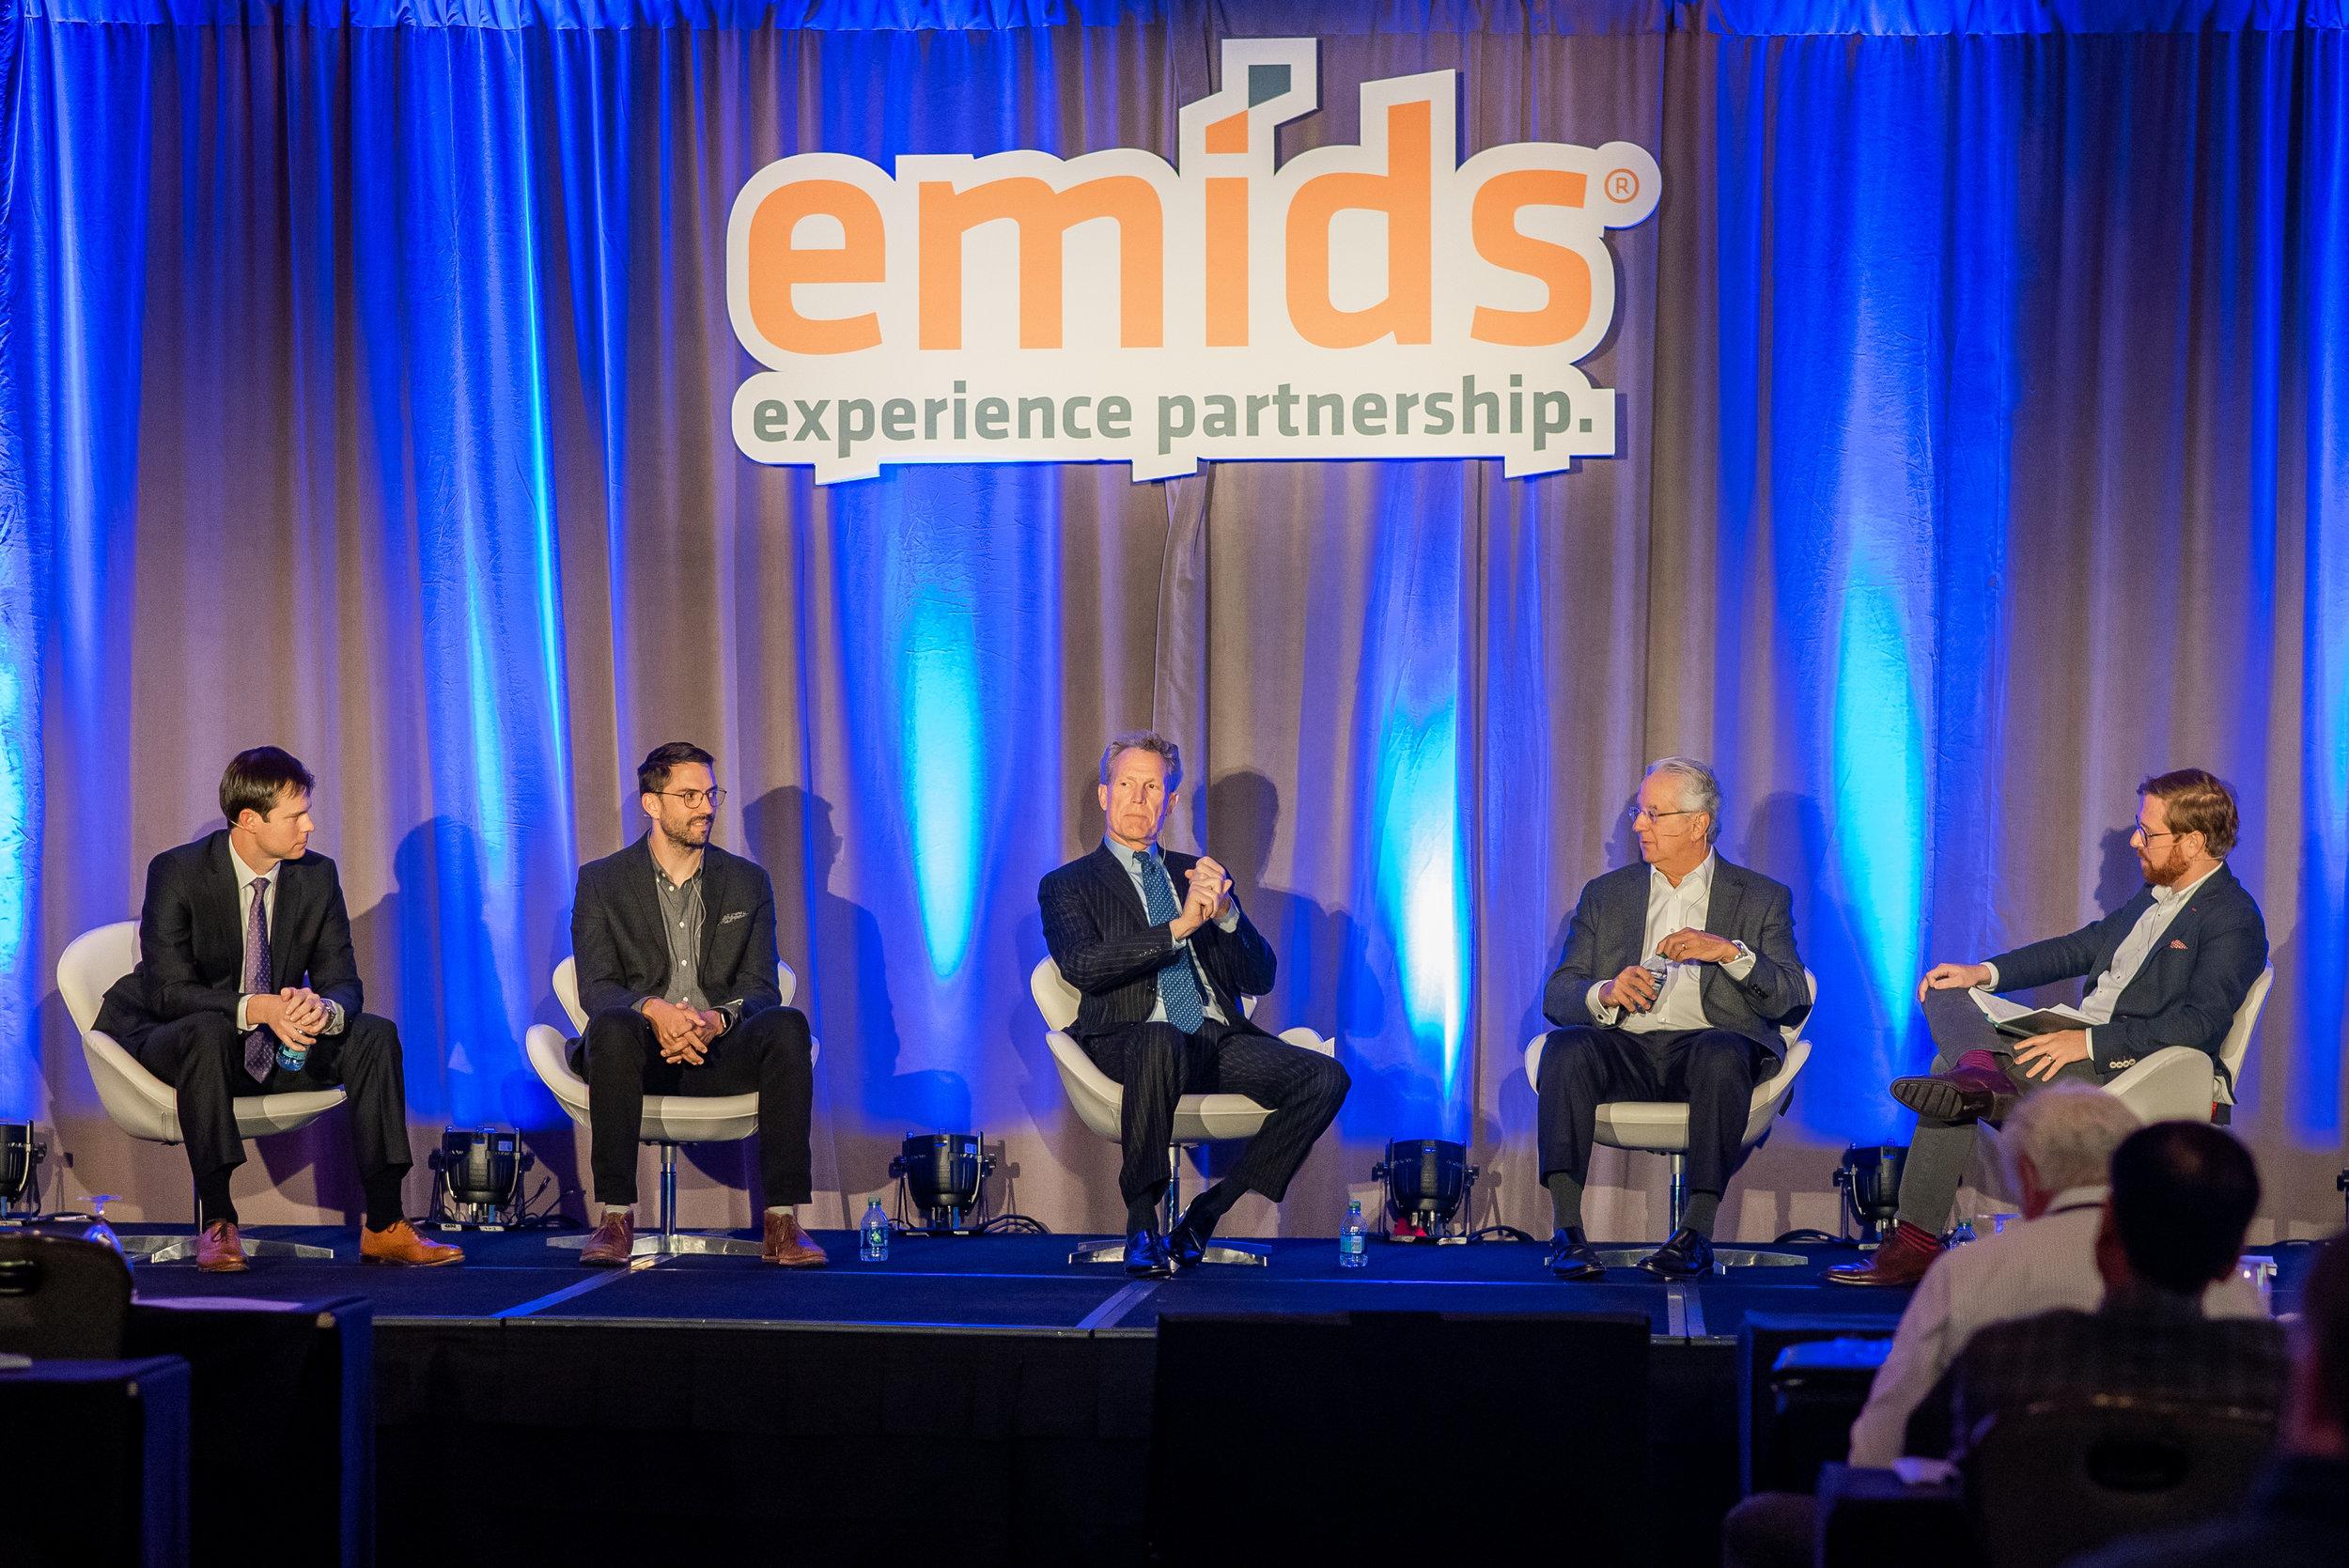 DetailsNashville-EMIDS-Summit18-211.jpg